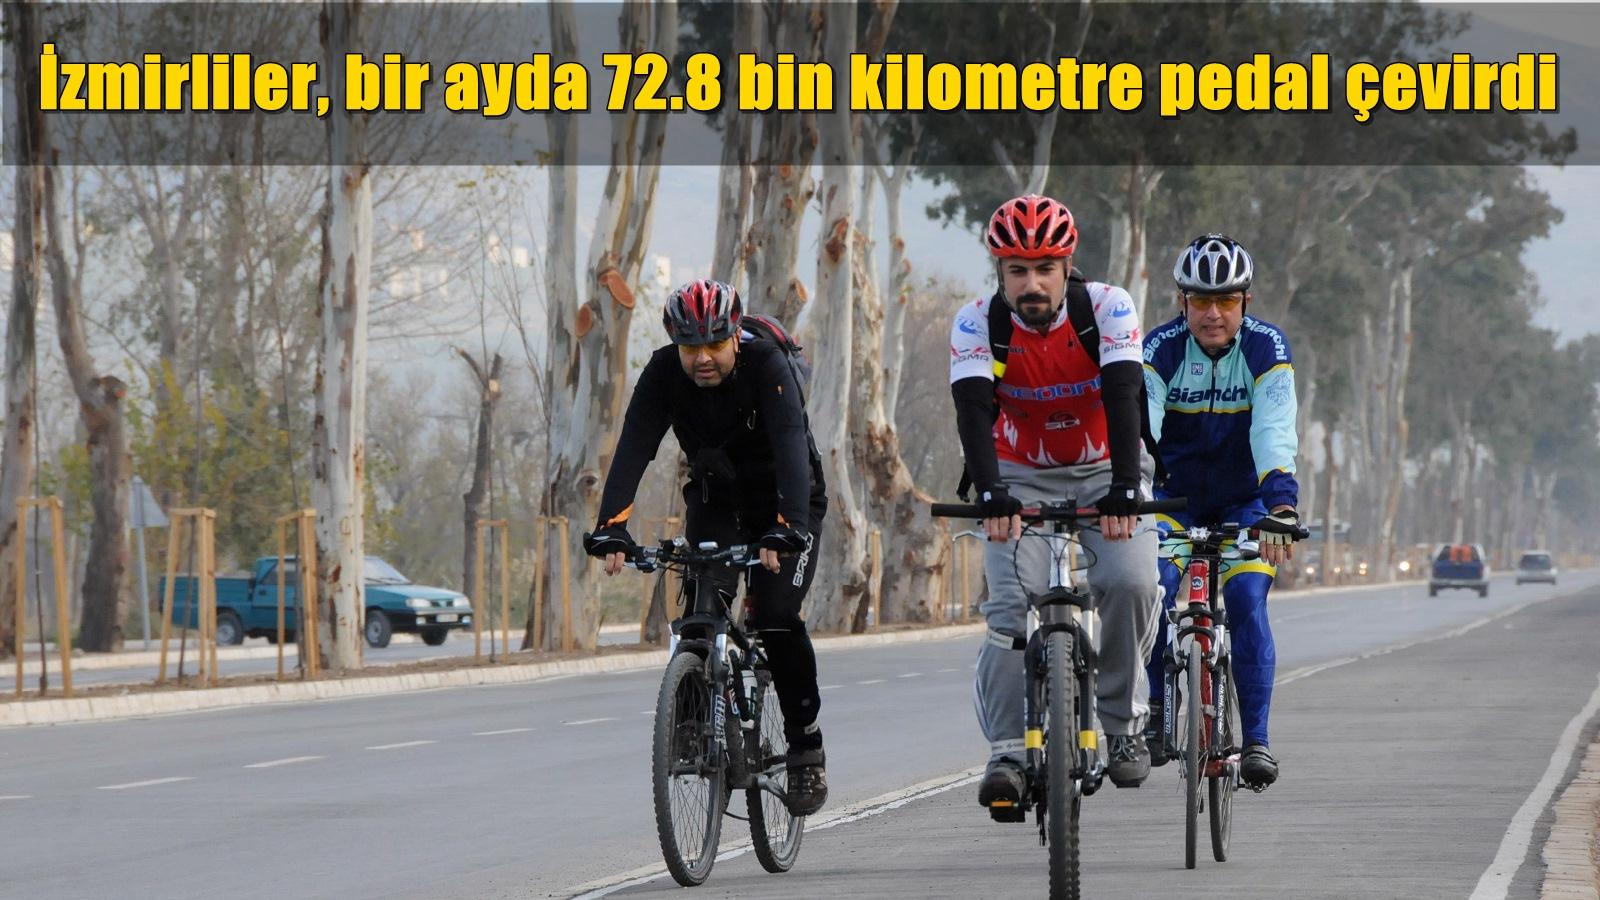 İzmirliler, Bir Ayda 72.8 Bin Kilometre Pedal Çevirdi